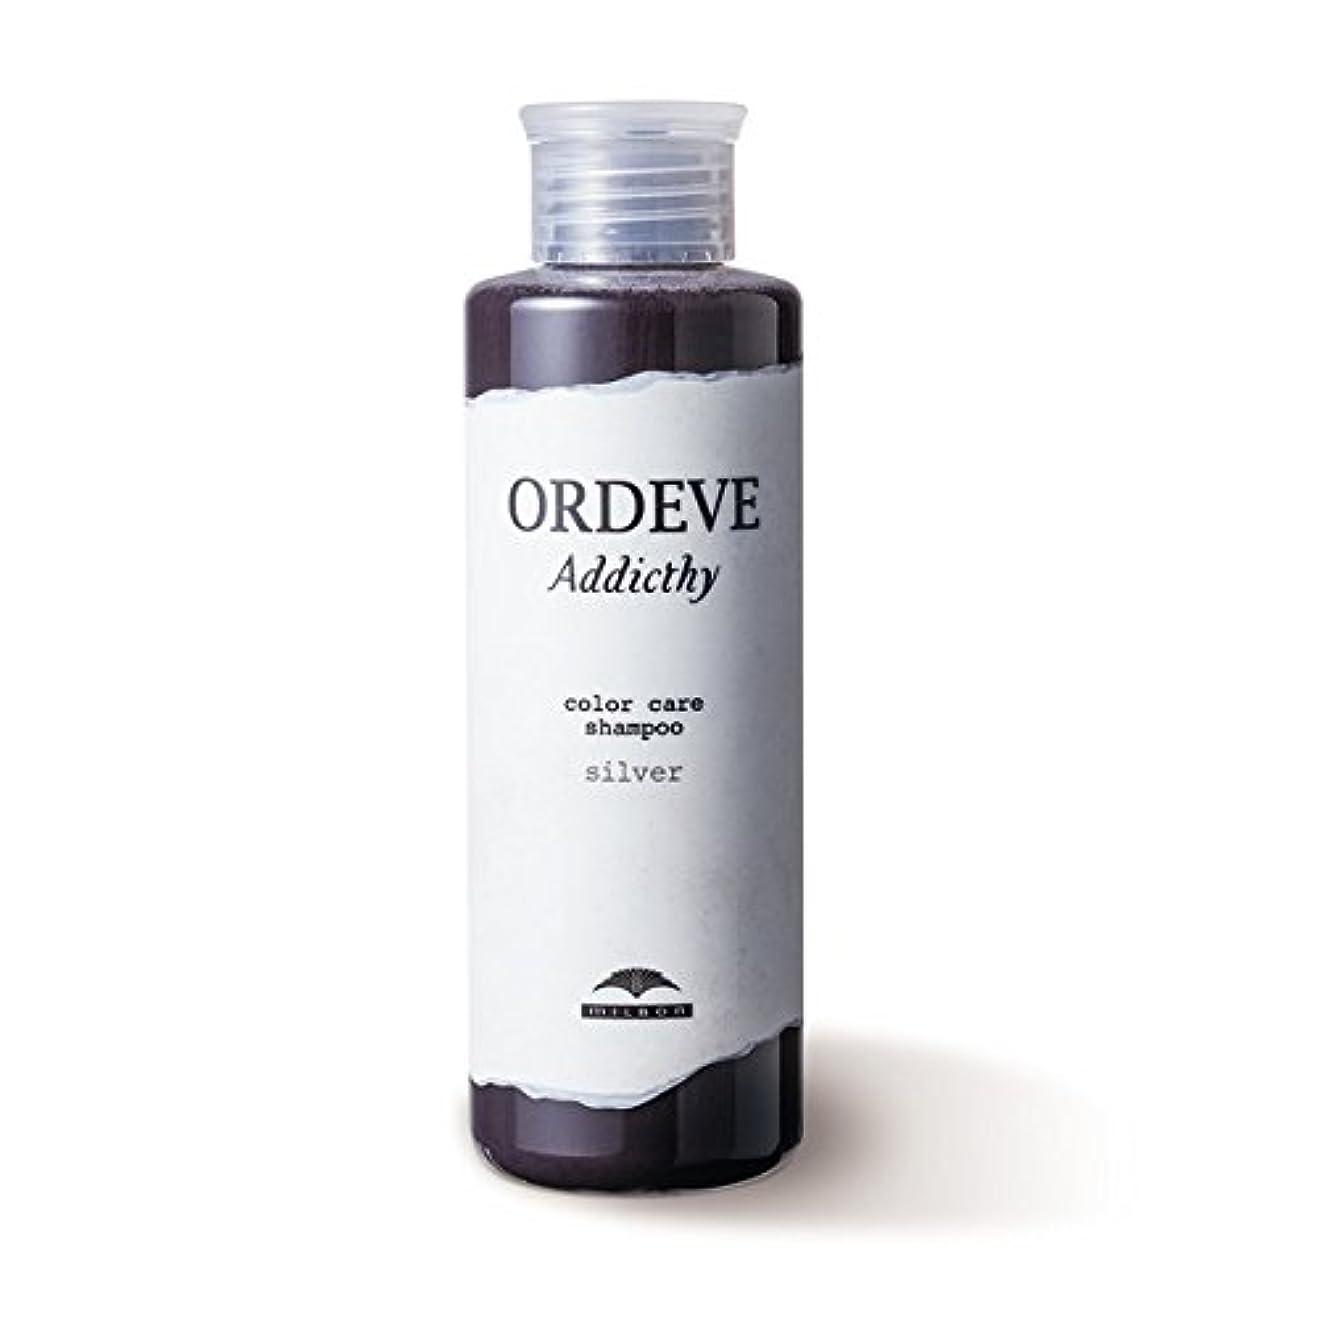 海外で機知に富んだ現像ミルボン オルディーブ アディクシー カラーケア シャンプー シルバー 180ml【ORDEVE Addicthy】